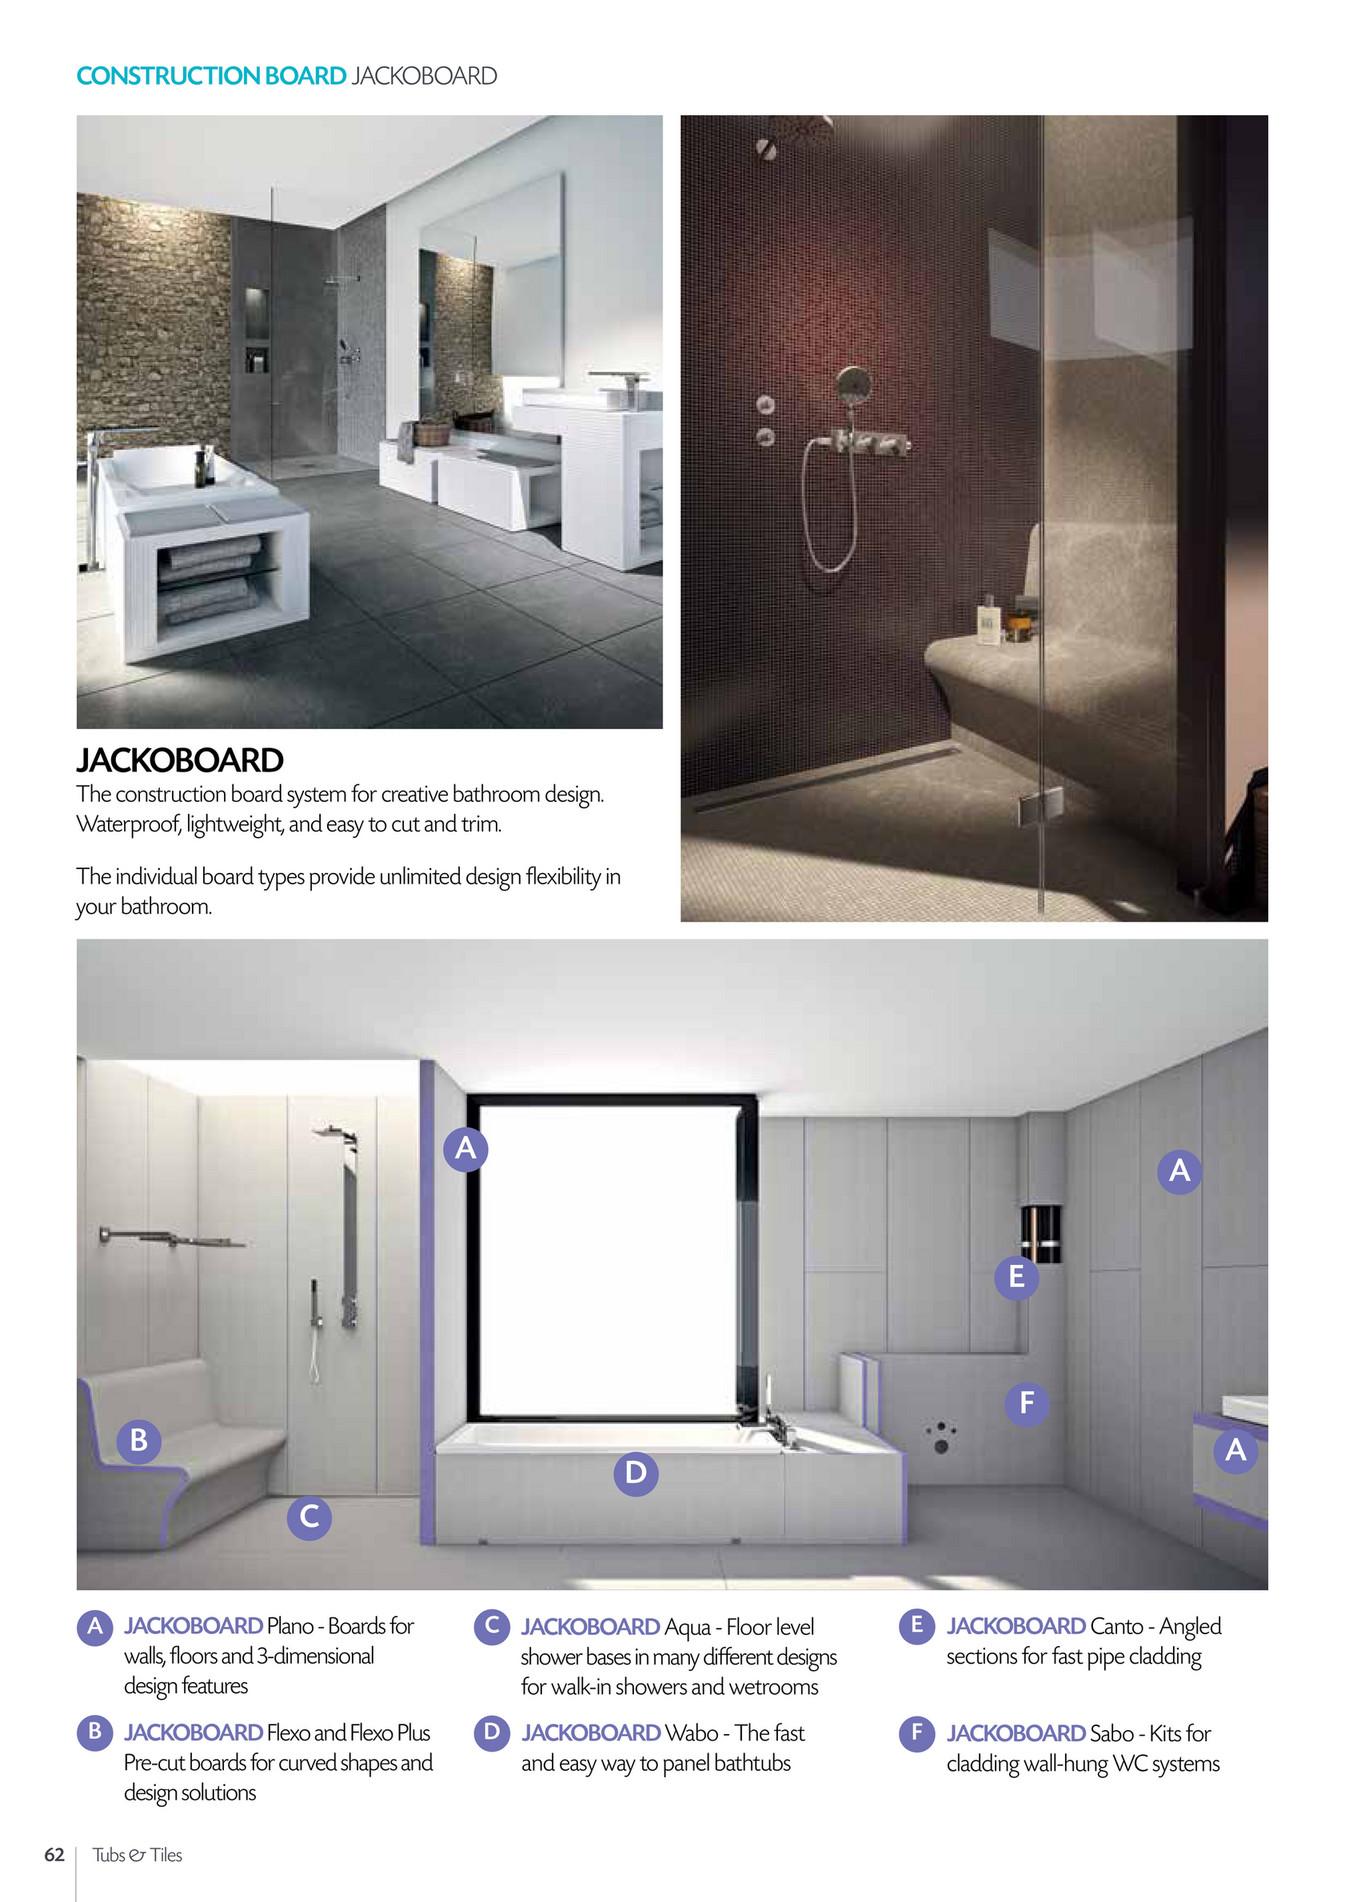 heat merchants tubs tiles plumbing brochure 2016. Black Bedroom Furniture Sets. Home Design Ideas